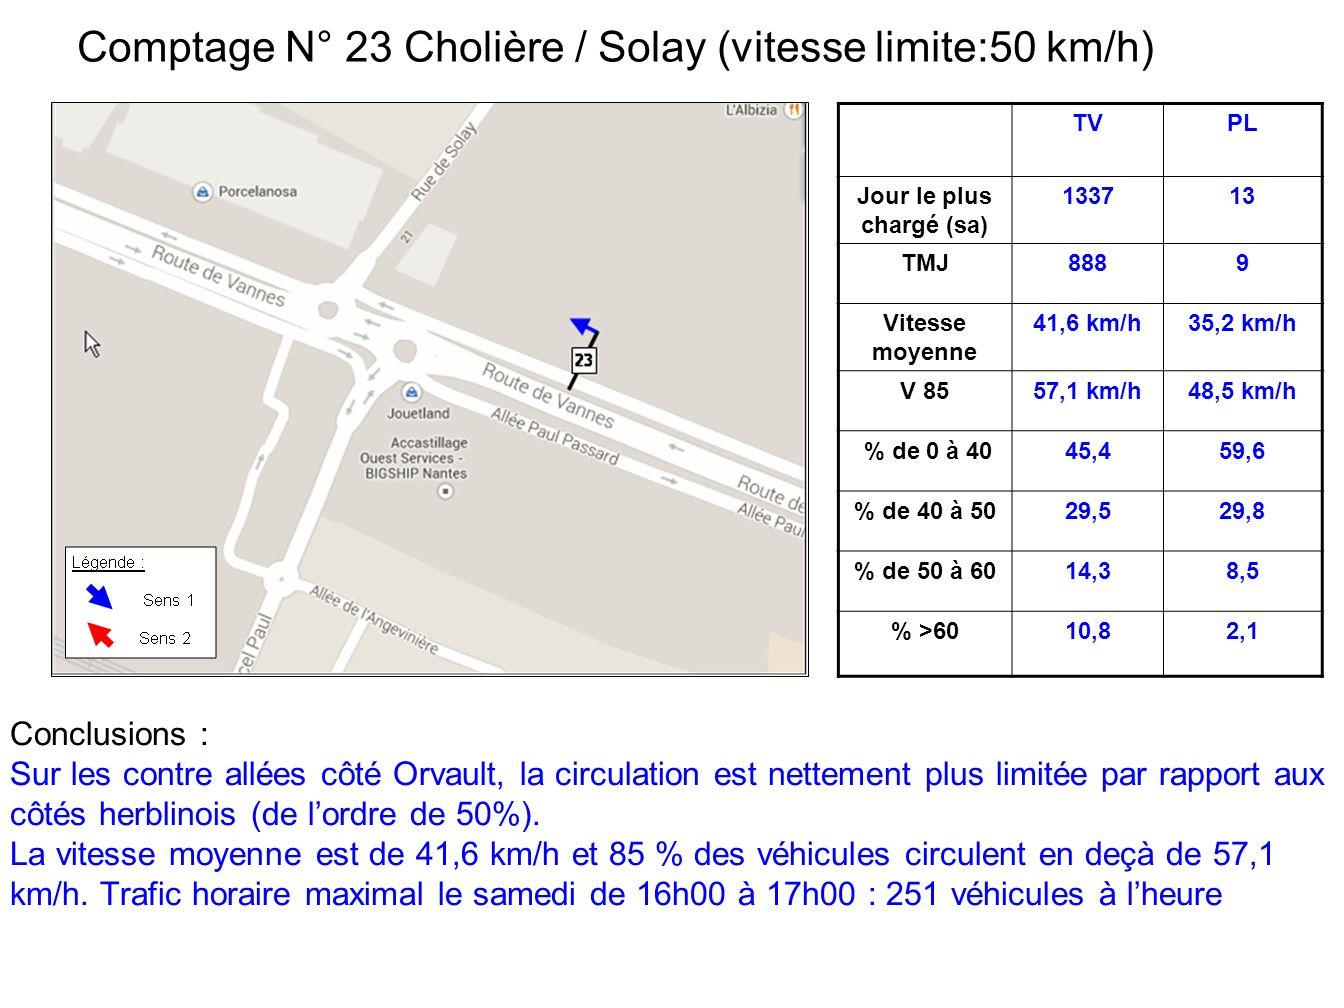 TVPL Jour le plus chargé (sa) 133713 TMJ8889 Vitesse moyenne 41,6 km/h35,2 km/h V 8557,1 km/h48,5 km/h % de 0 à 4045,459,6 % de 40 à 5029,529,8 % de 50 à 6014,38,5 % >6010,82,1 Comptage N° 23 Cholière / Solay (vitesse limite:50 km/h) Conclusions : Sur les contre allées côté Orvault, la circulation est nettement plus limitée par rapport aux côtés herblinois (de lordre de 50%).